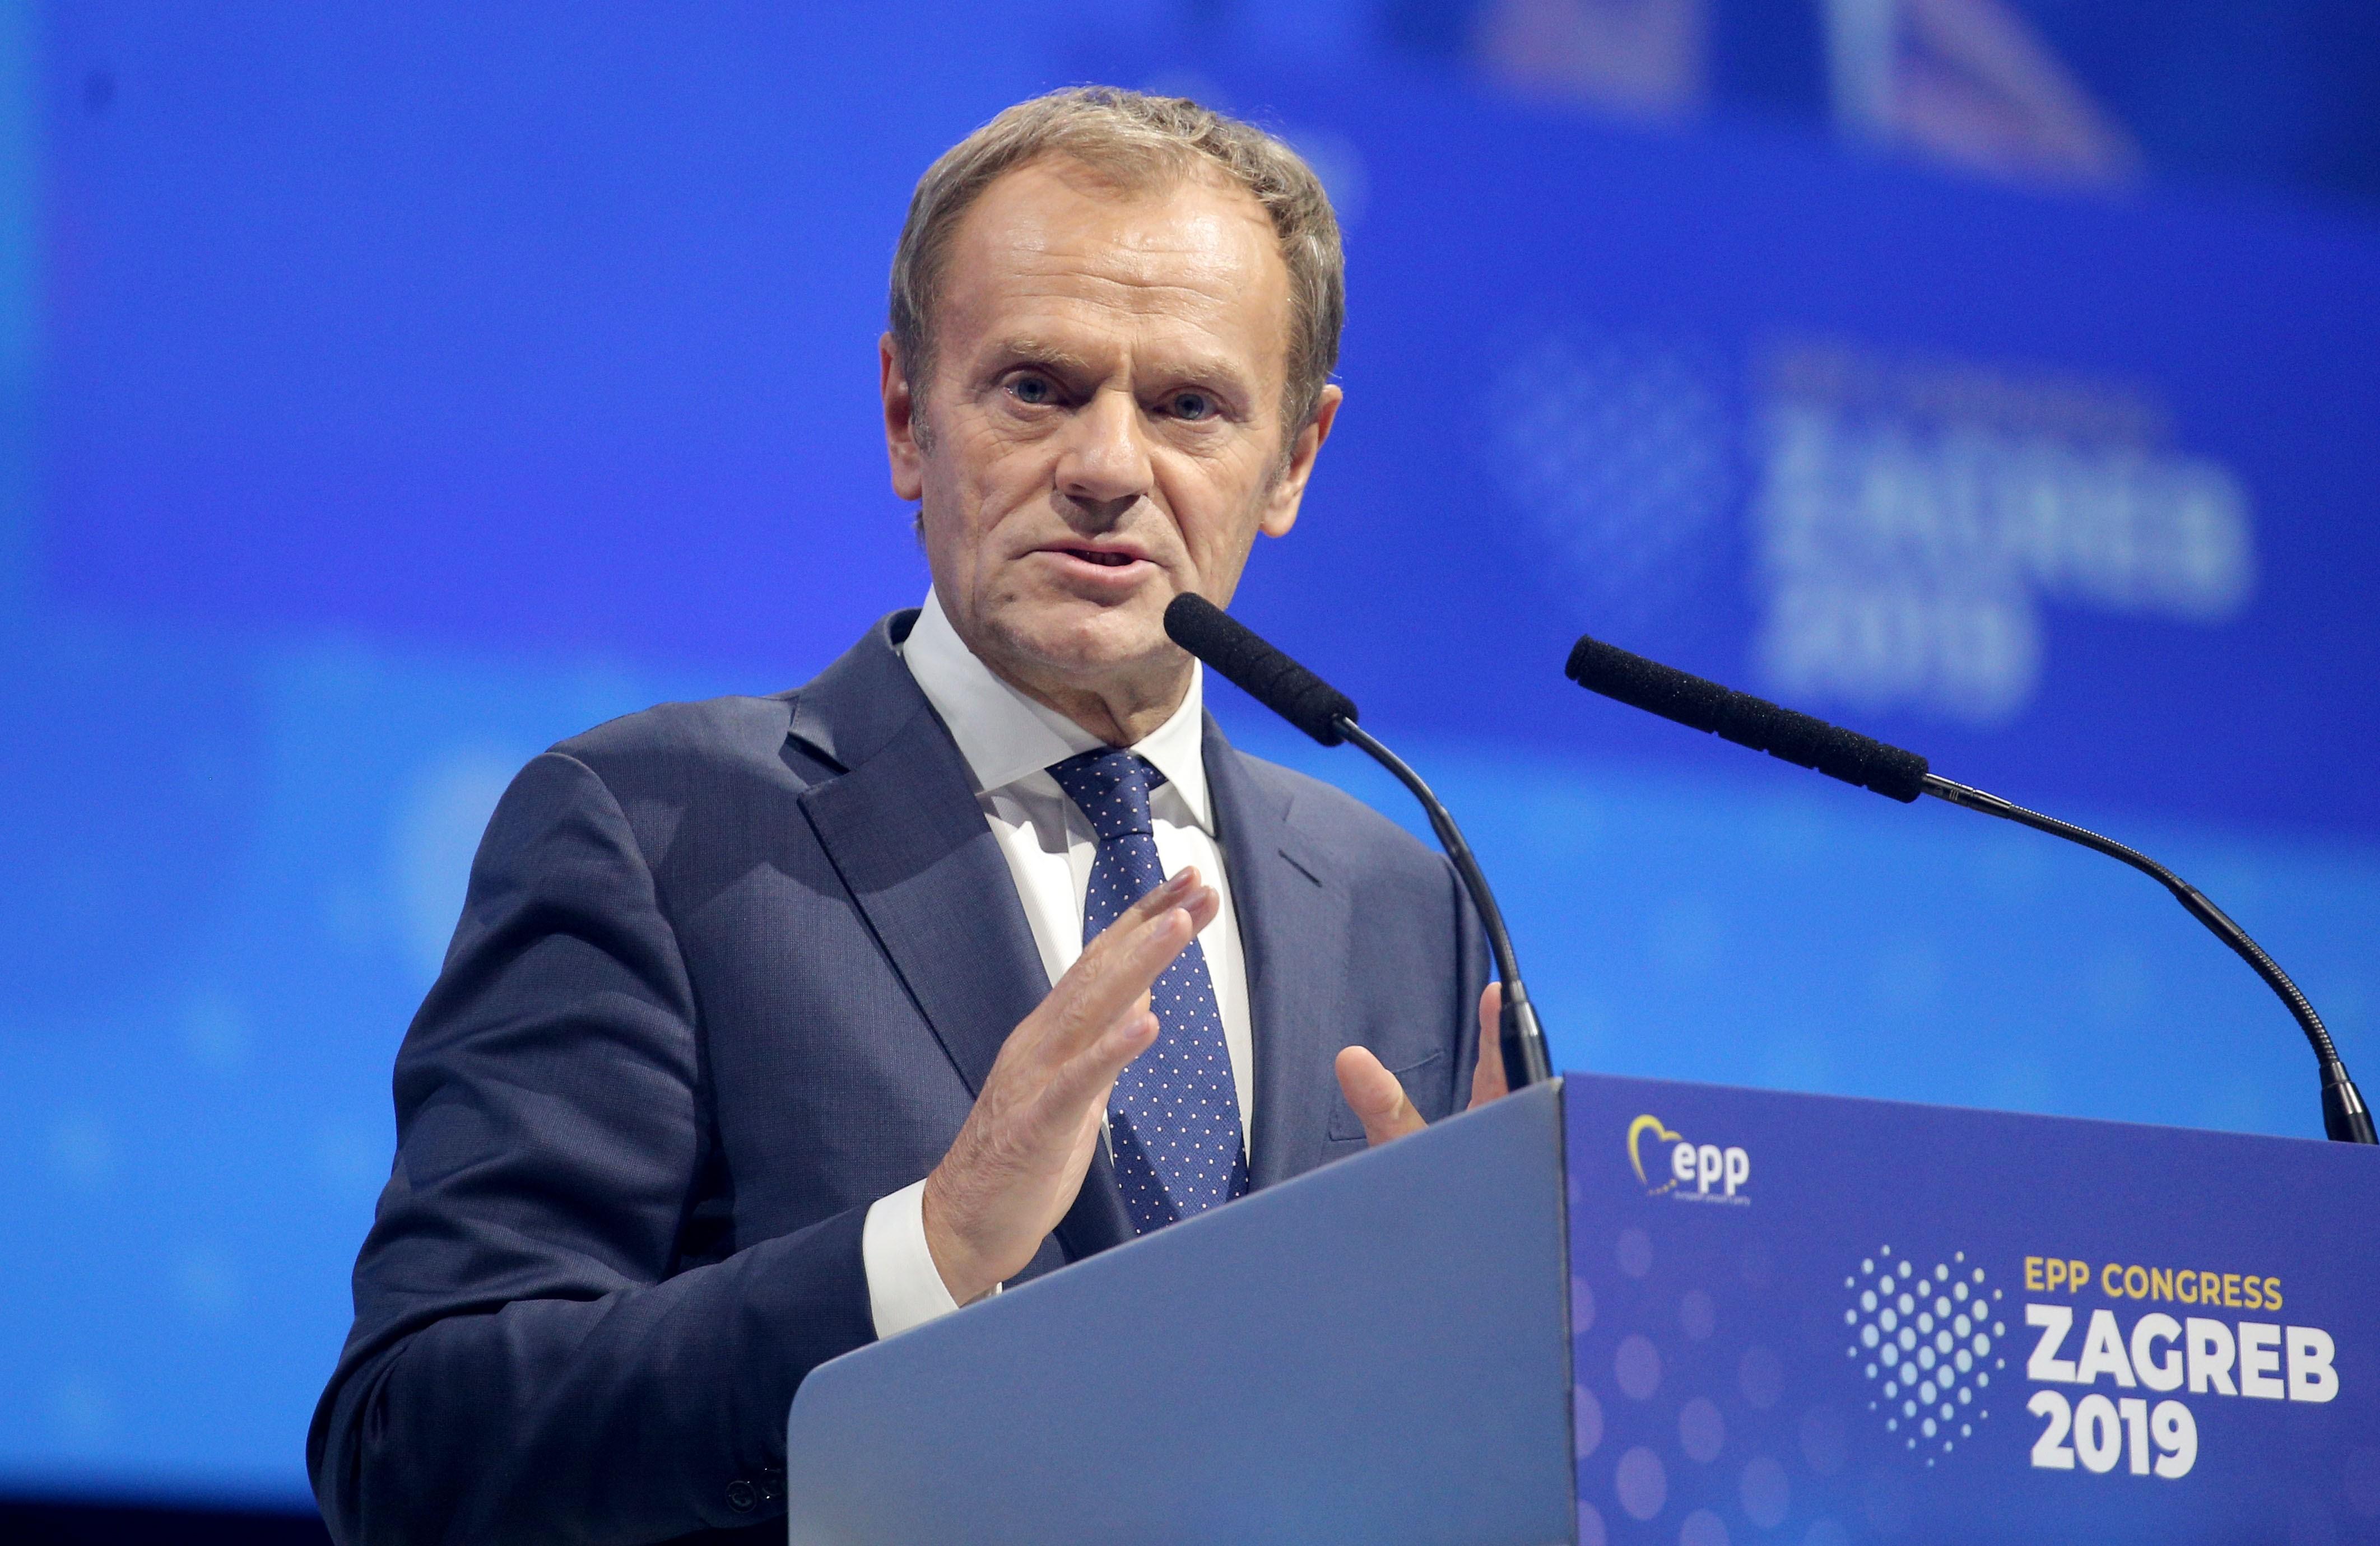 13 tagpárt kéri a Fidesz kizárását a Néppártból